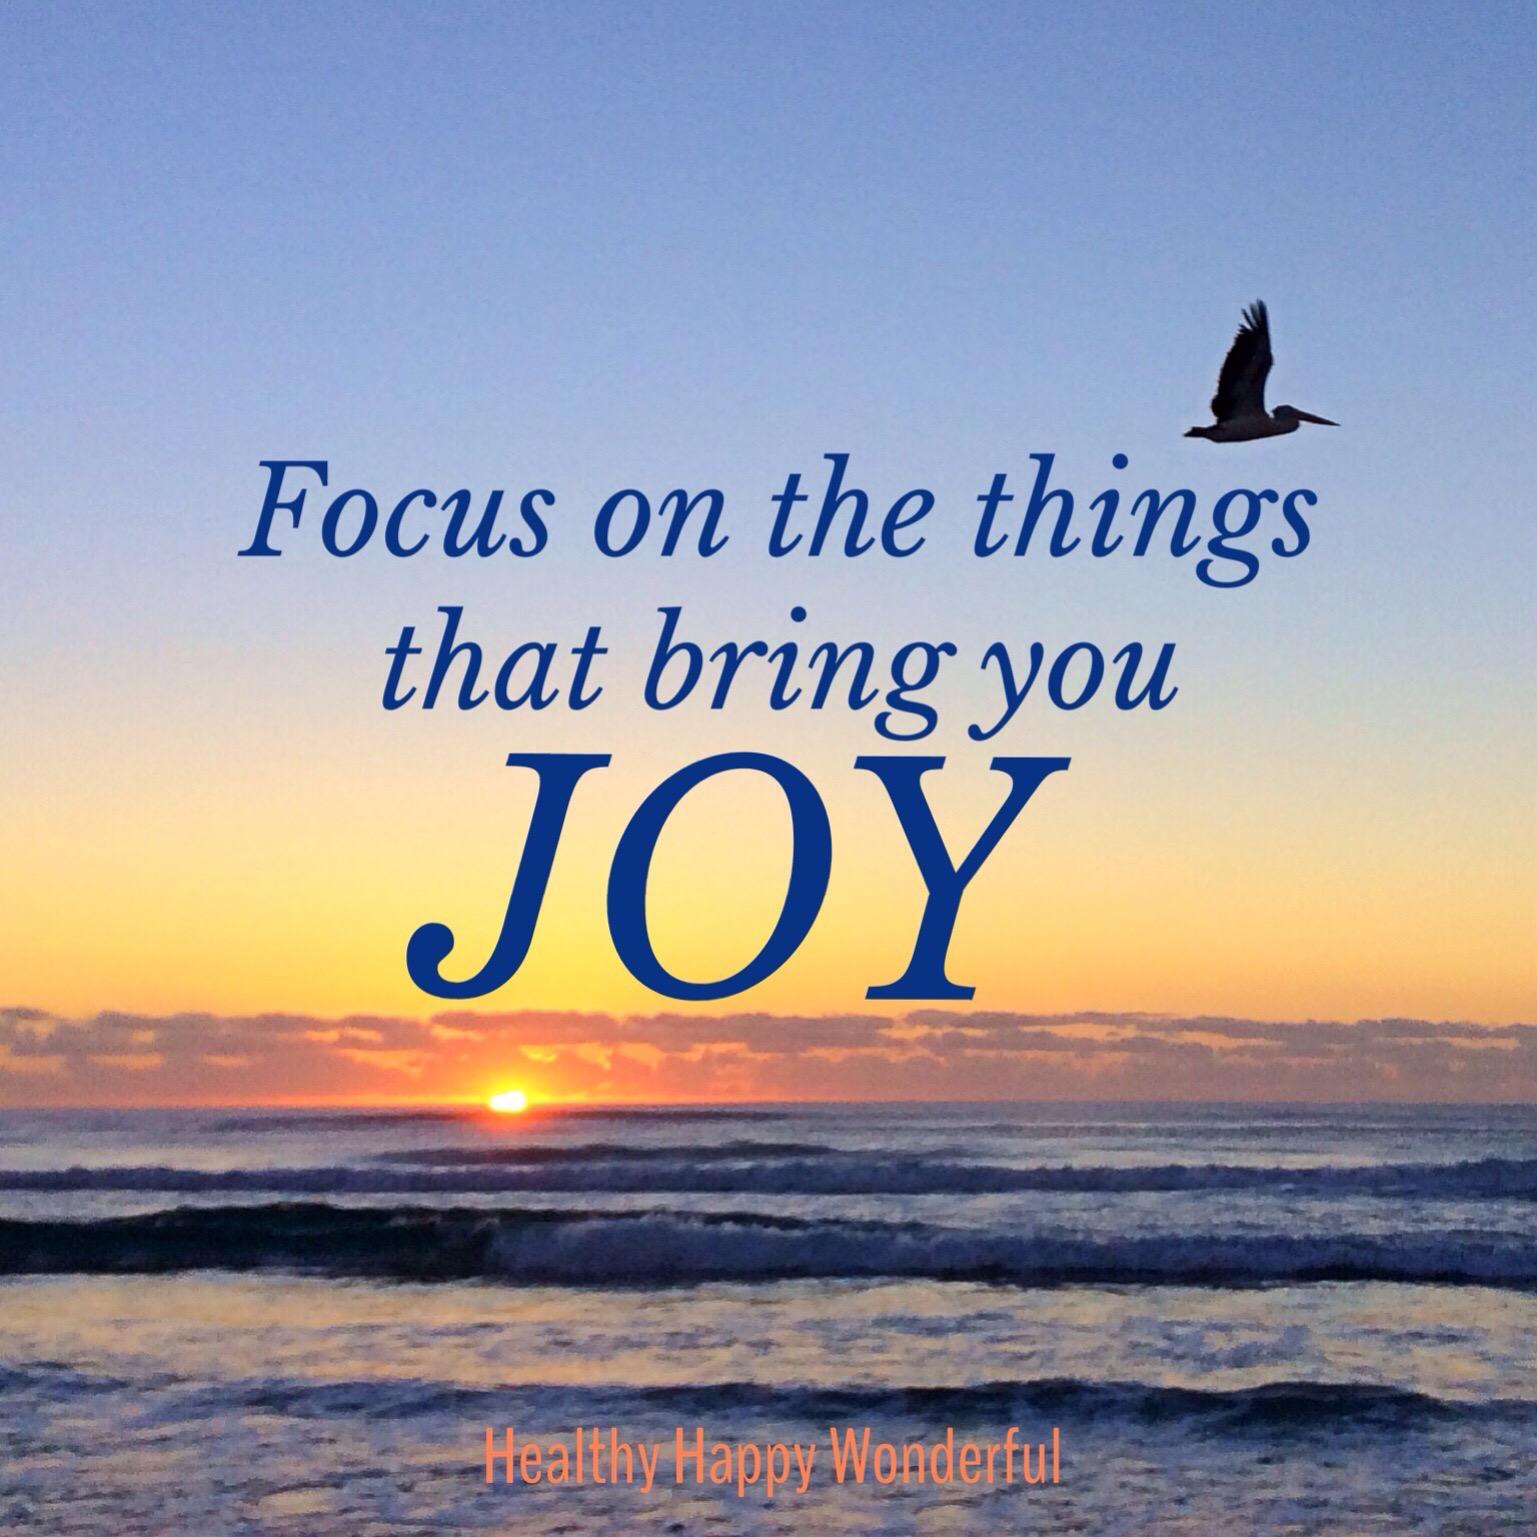 Your prescription: invite more joy into your life